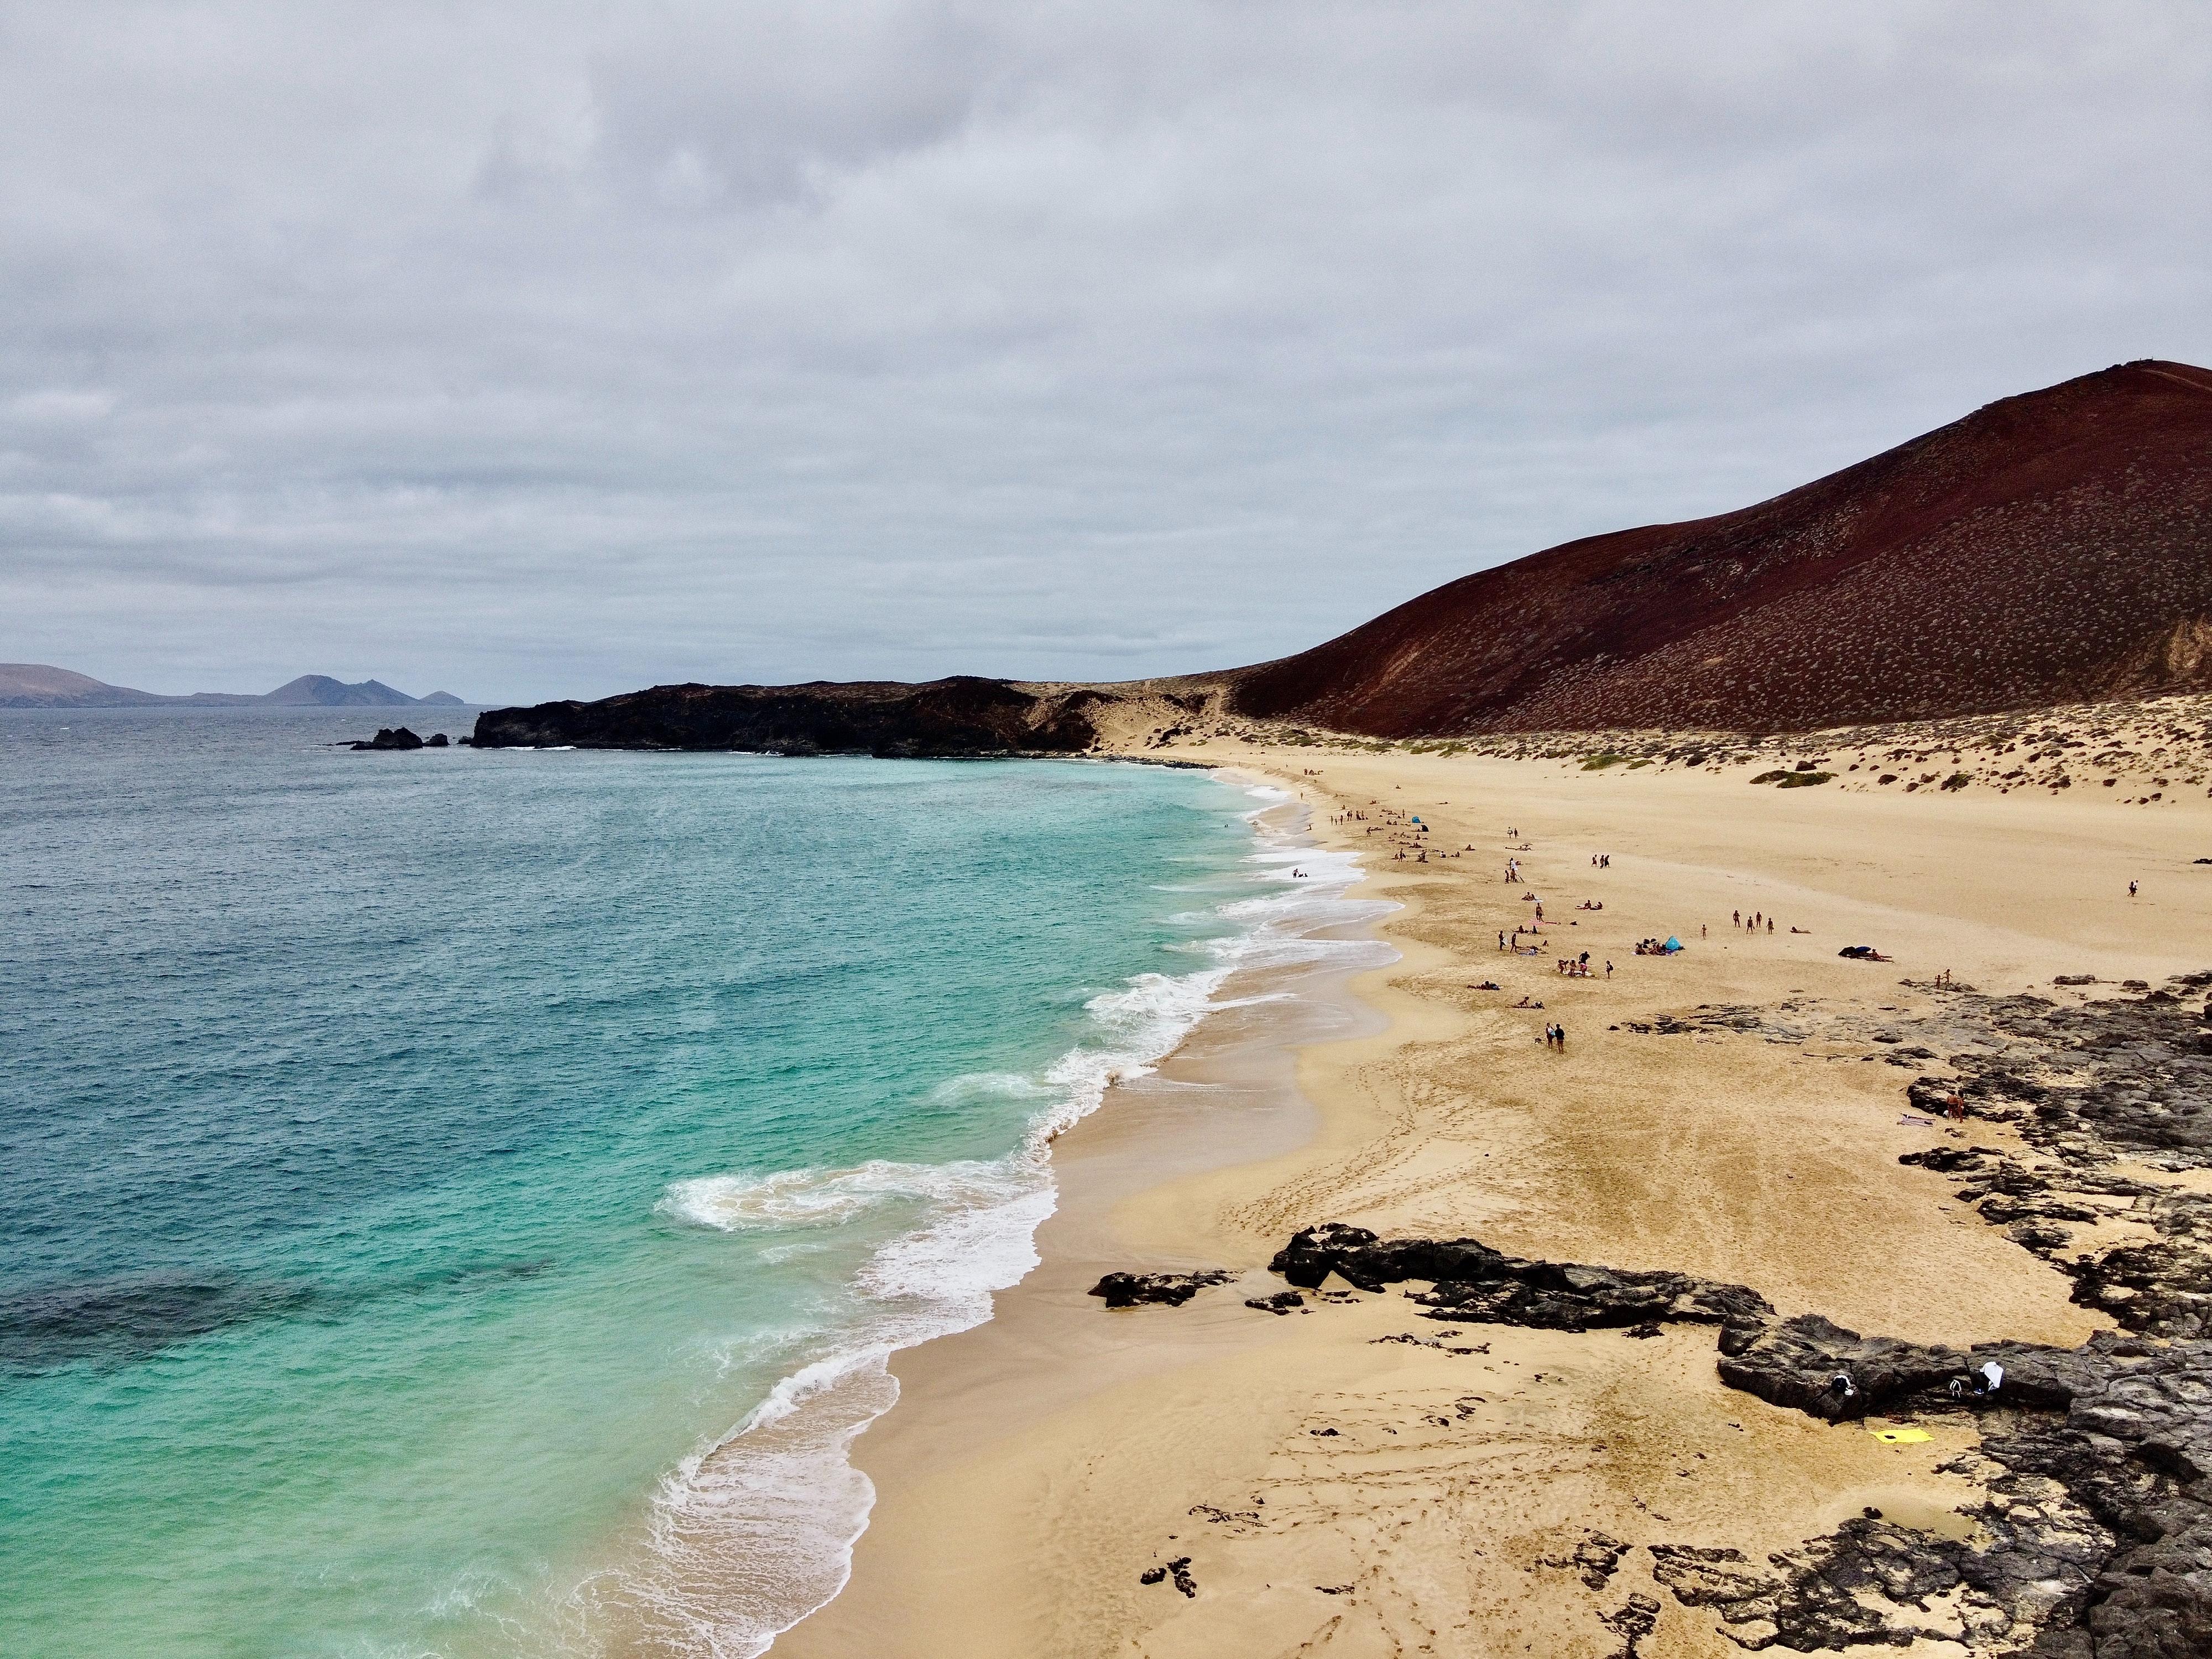 La Graciosa, Las Conchas beach, best beaches in canary islands